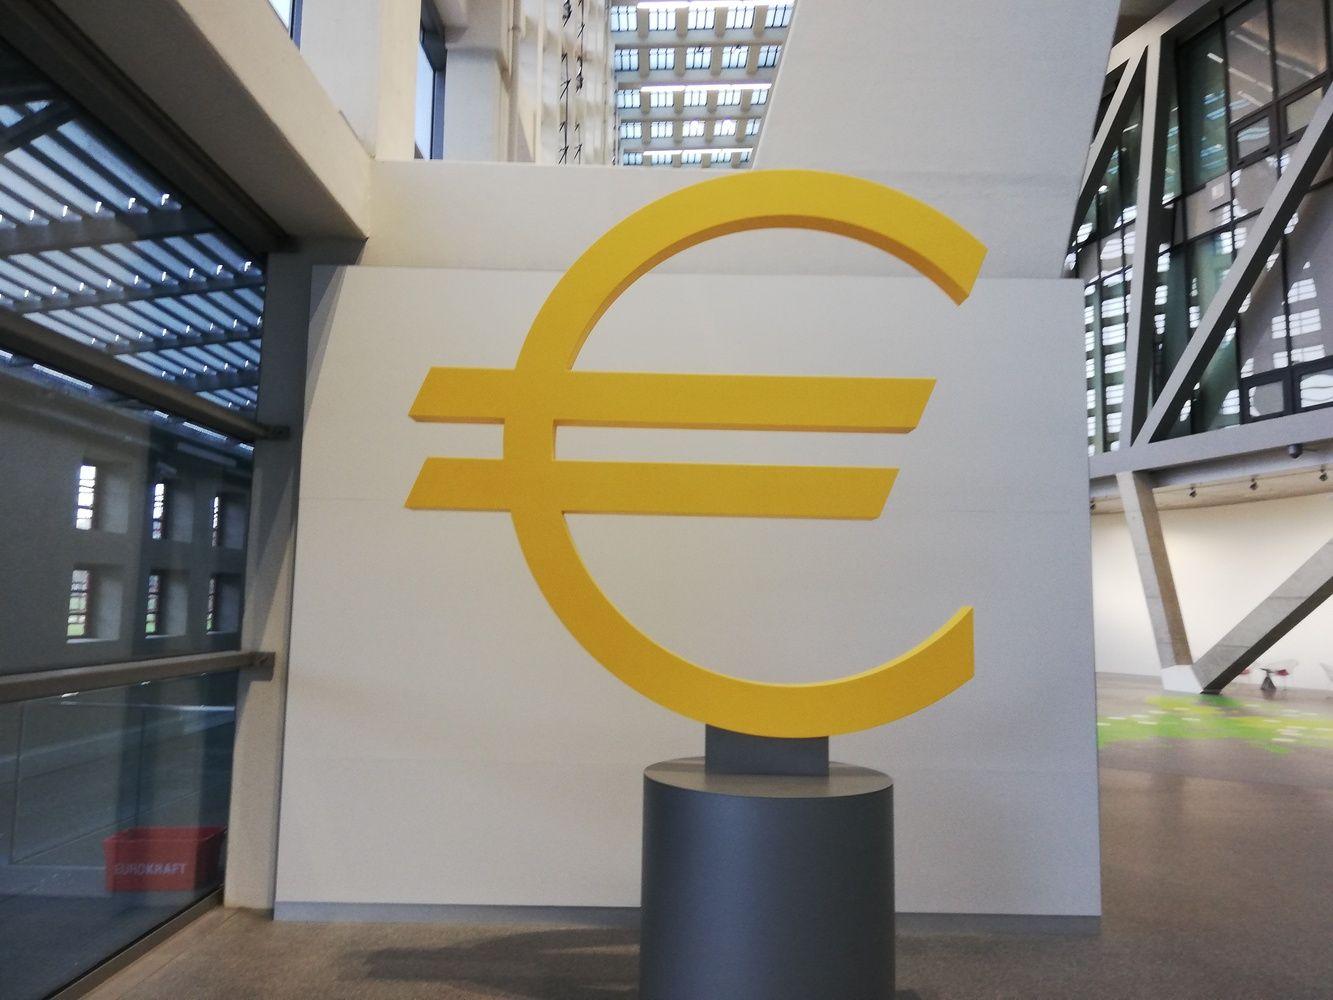 Lietuva apsisprendė dėl 60% ES lėšų iš 2014–2020 m. fondų